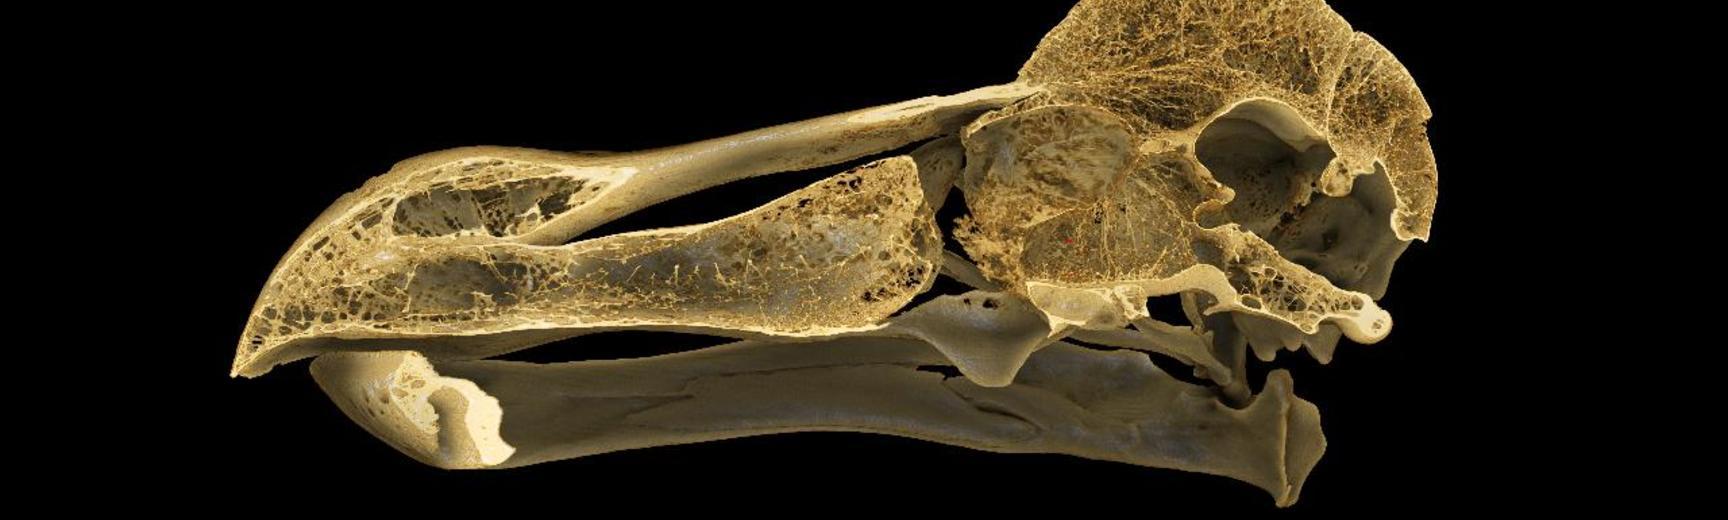 CT scan of the Oxford Dodo skull